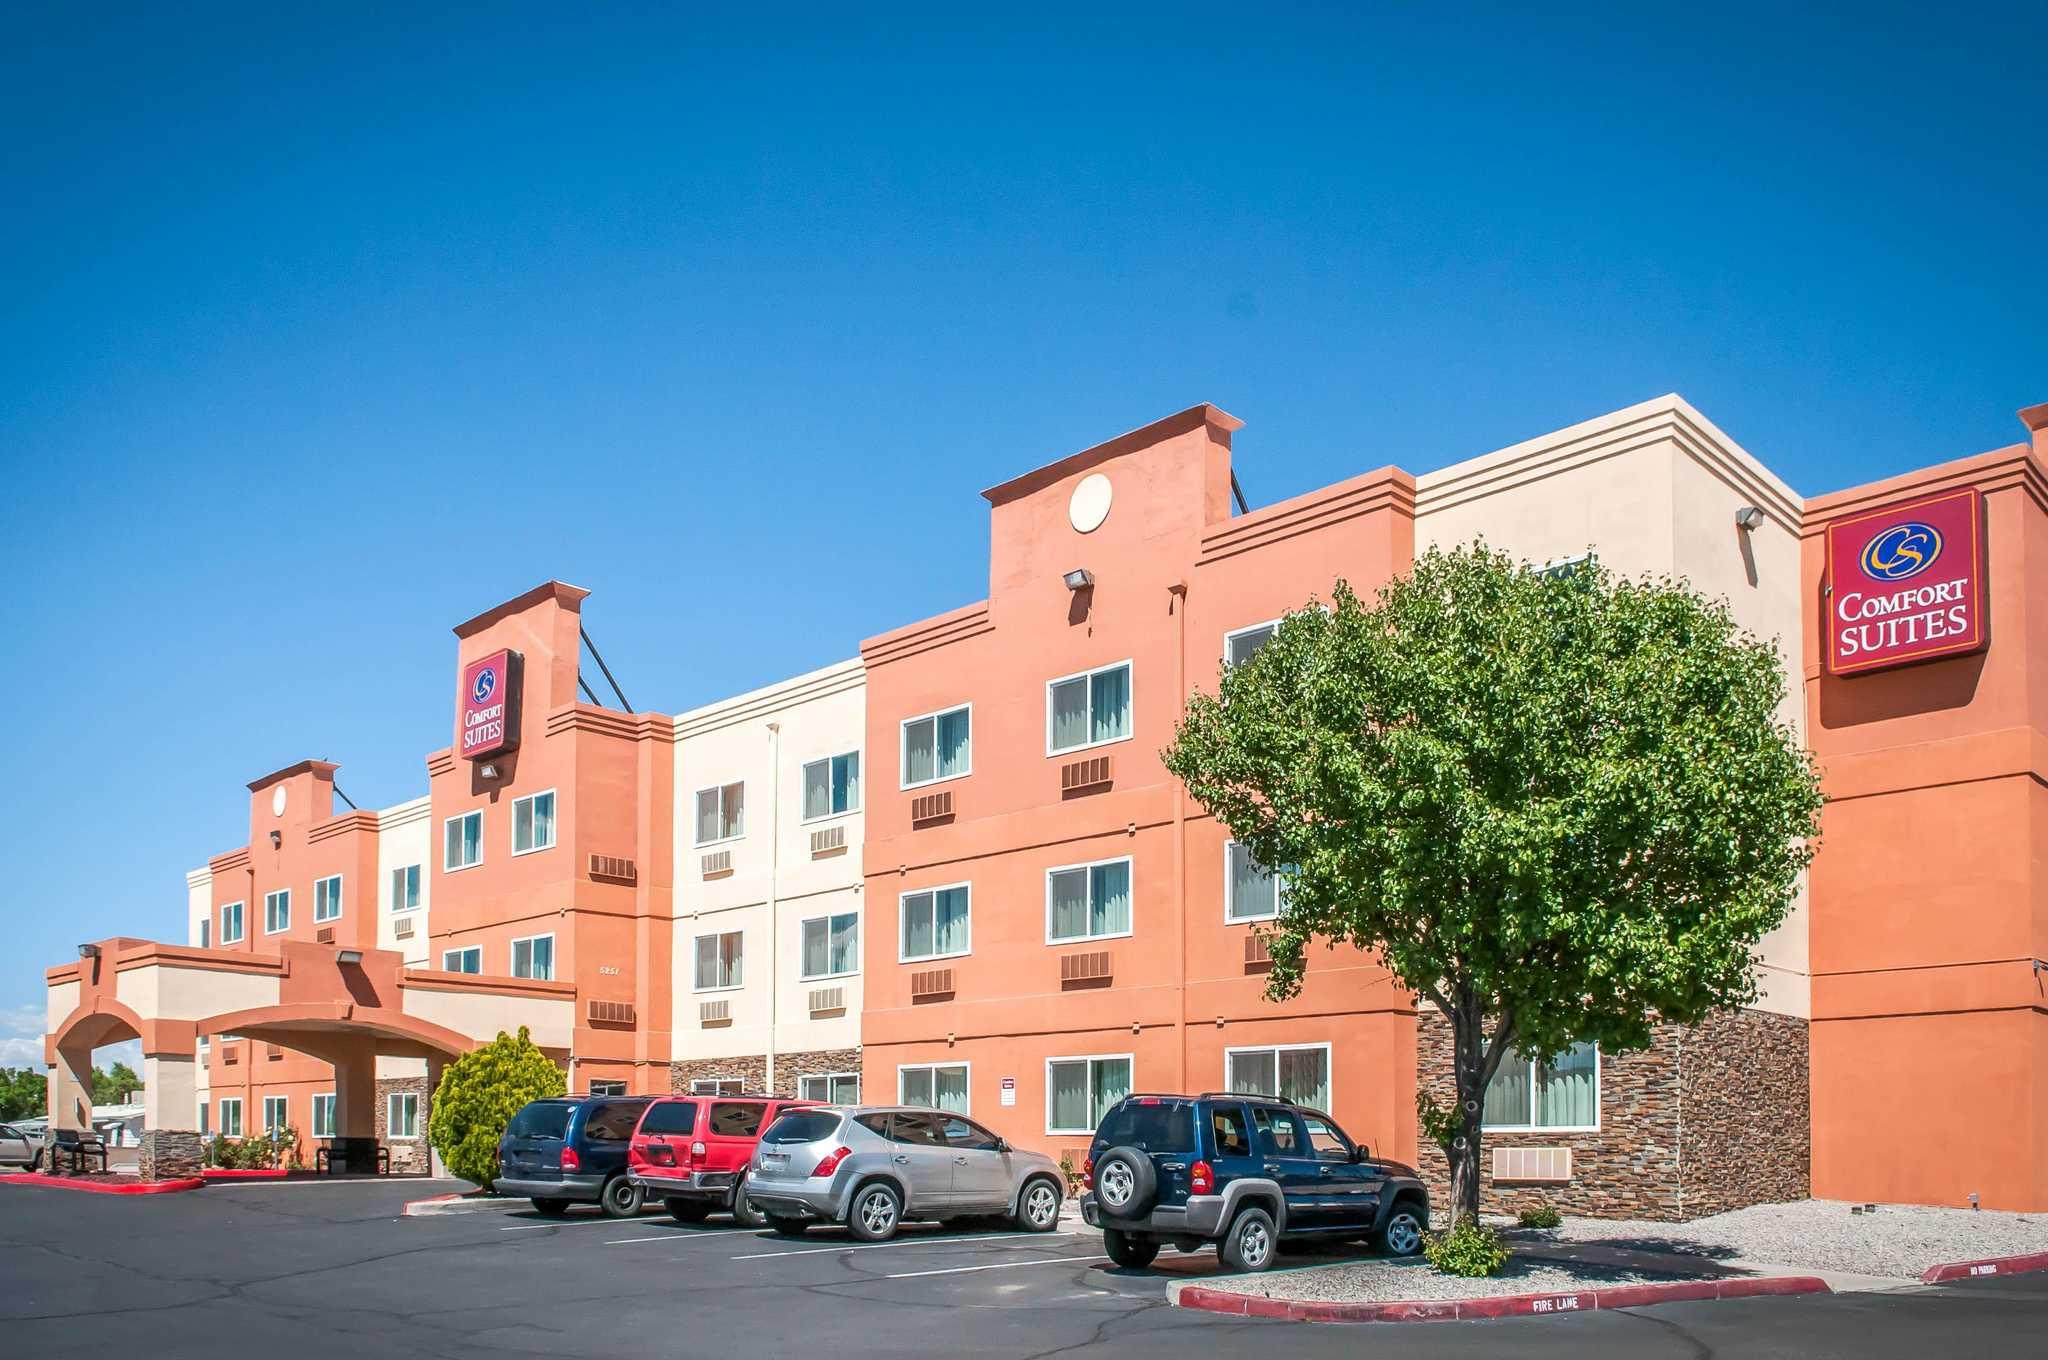 Comfort suites north albuquerque balloon fiesta park - Hilton garden inn albuquerque journal center ...